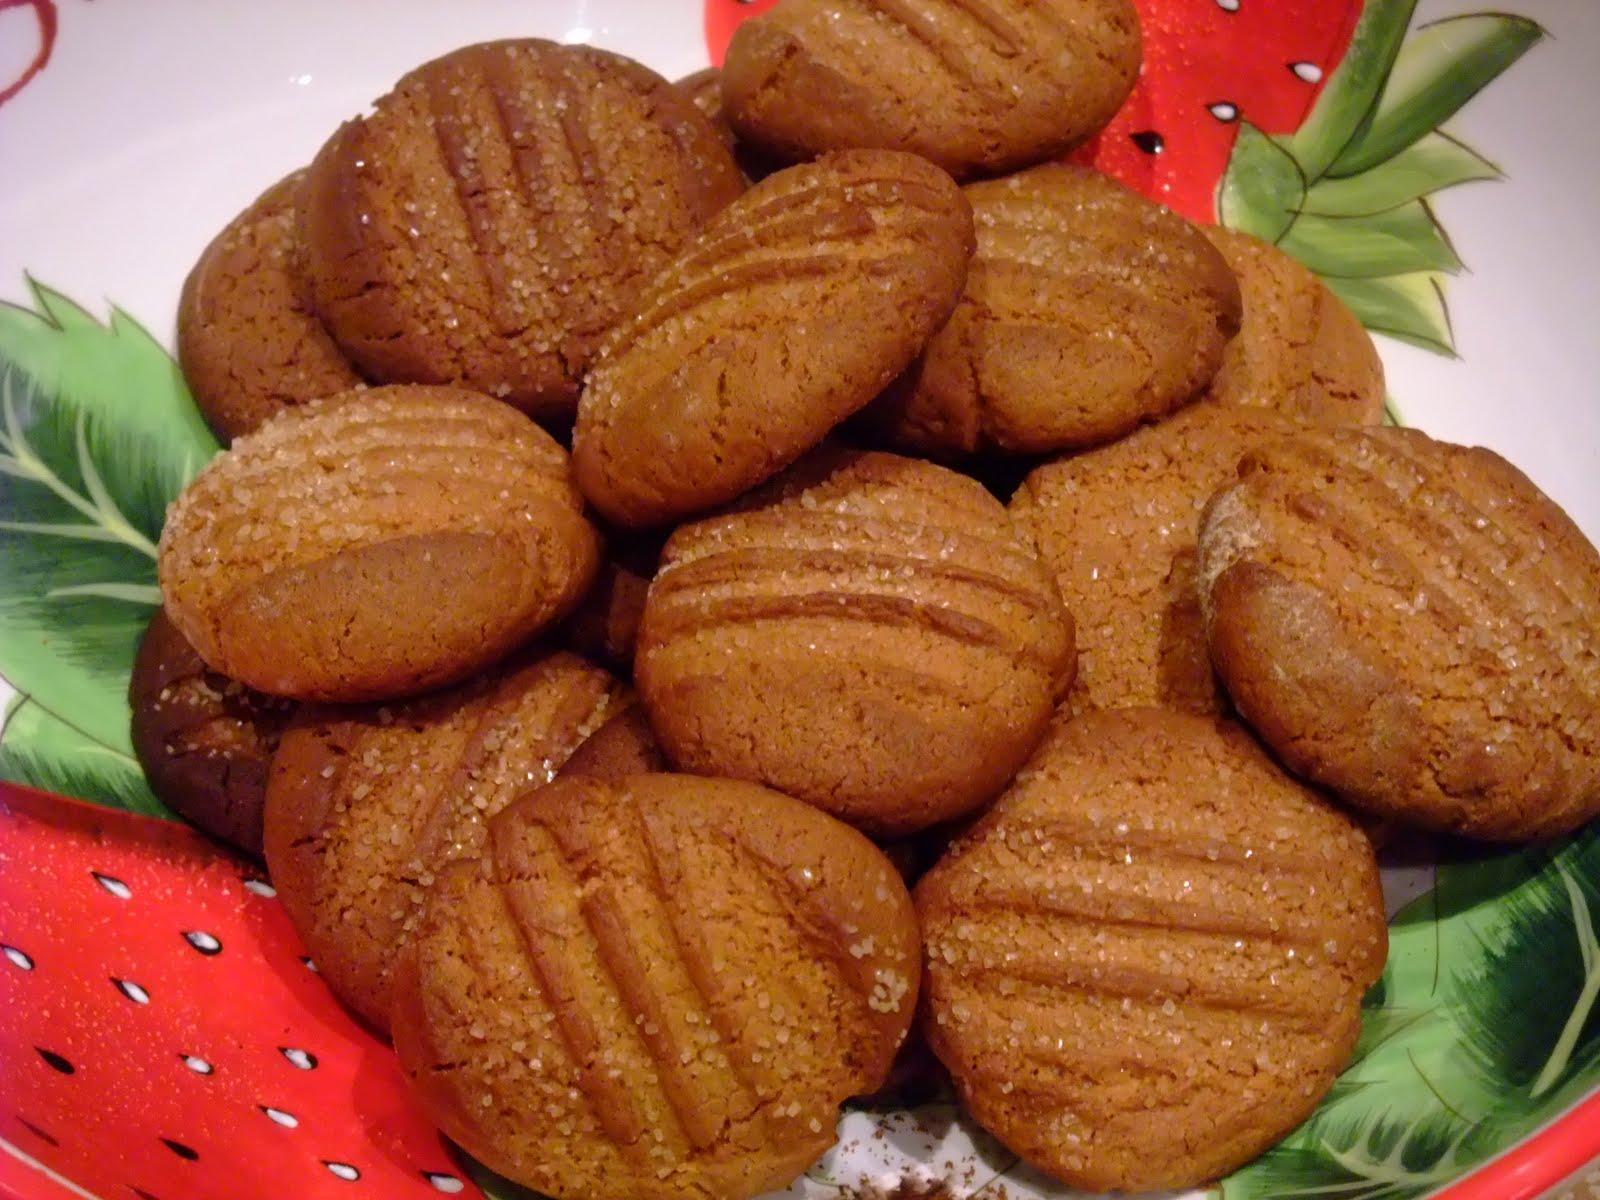 Jaana's kitchen: Honey Biscuits